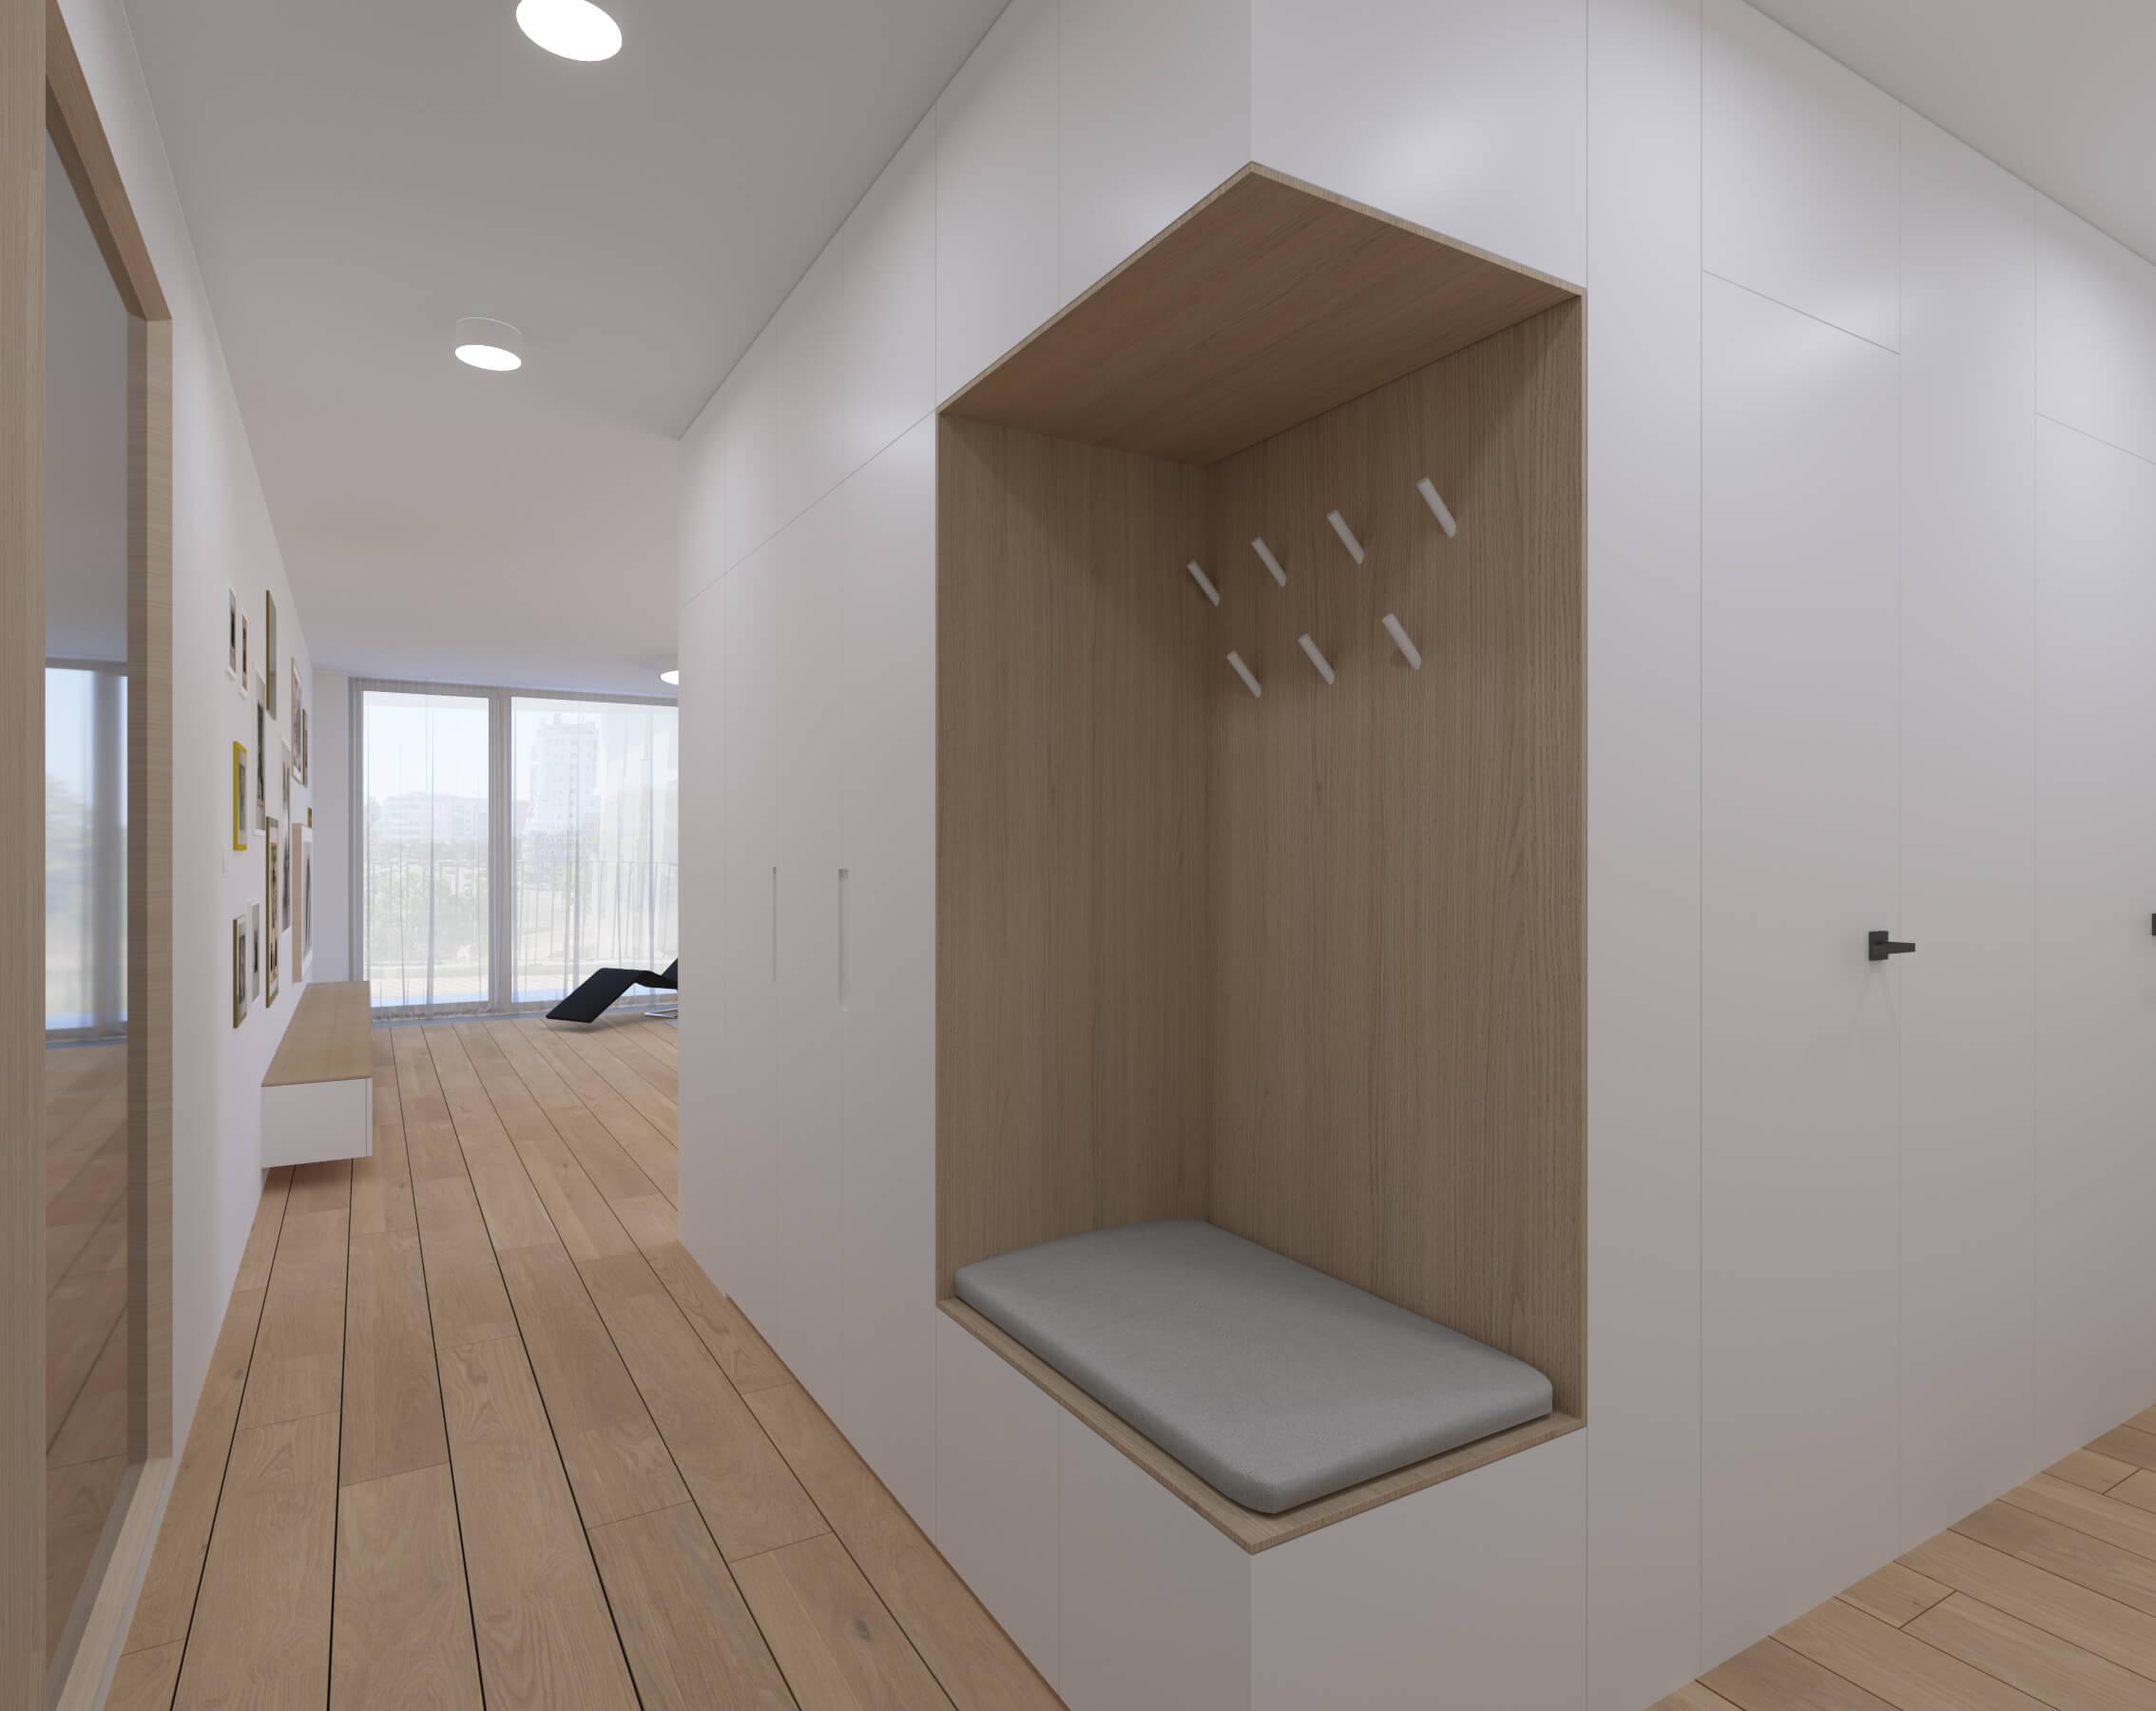 interierovy dizajn chodby - vizualizácia, bratislava